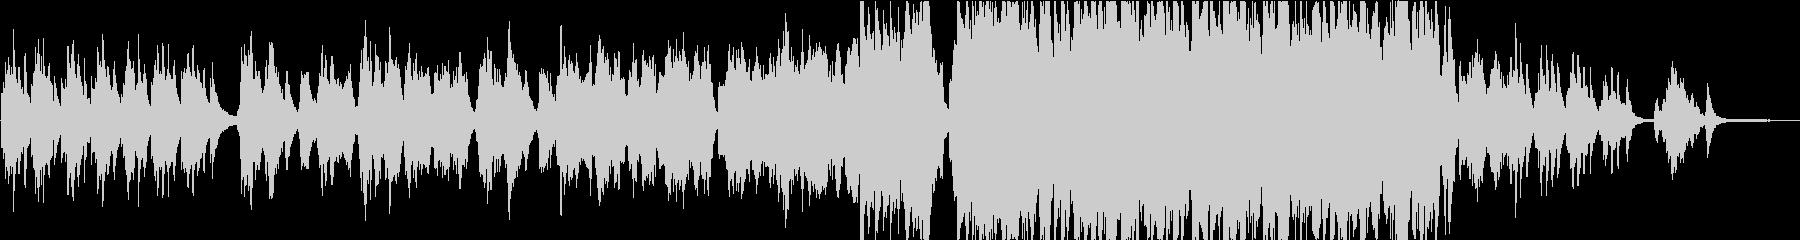 【生演奏】優しく切ないバイオリン曲の未再生の波形